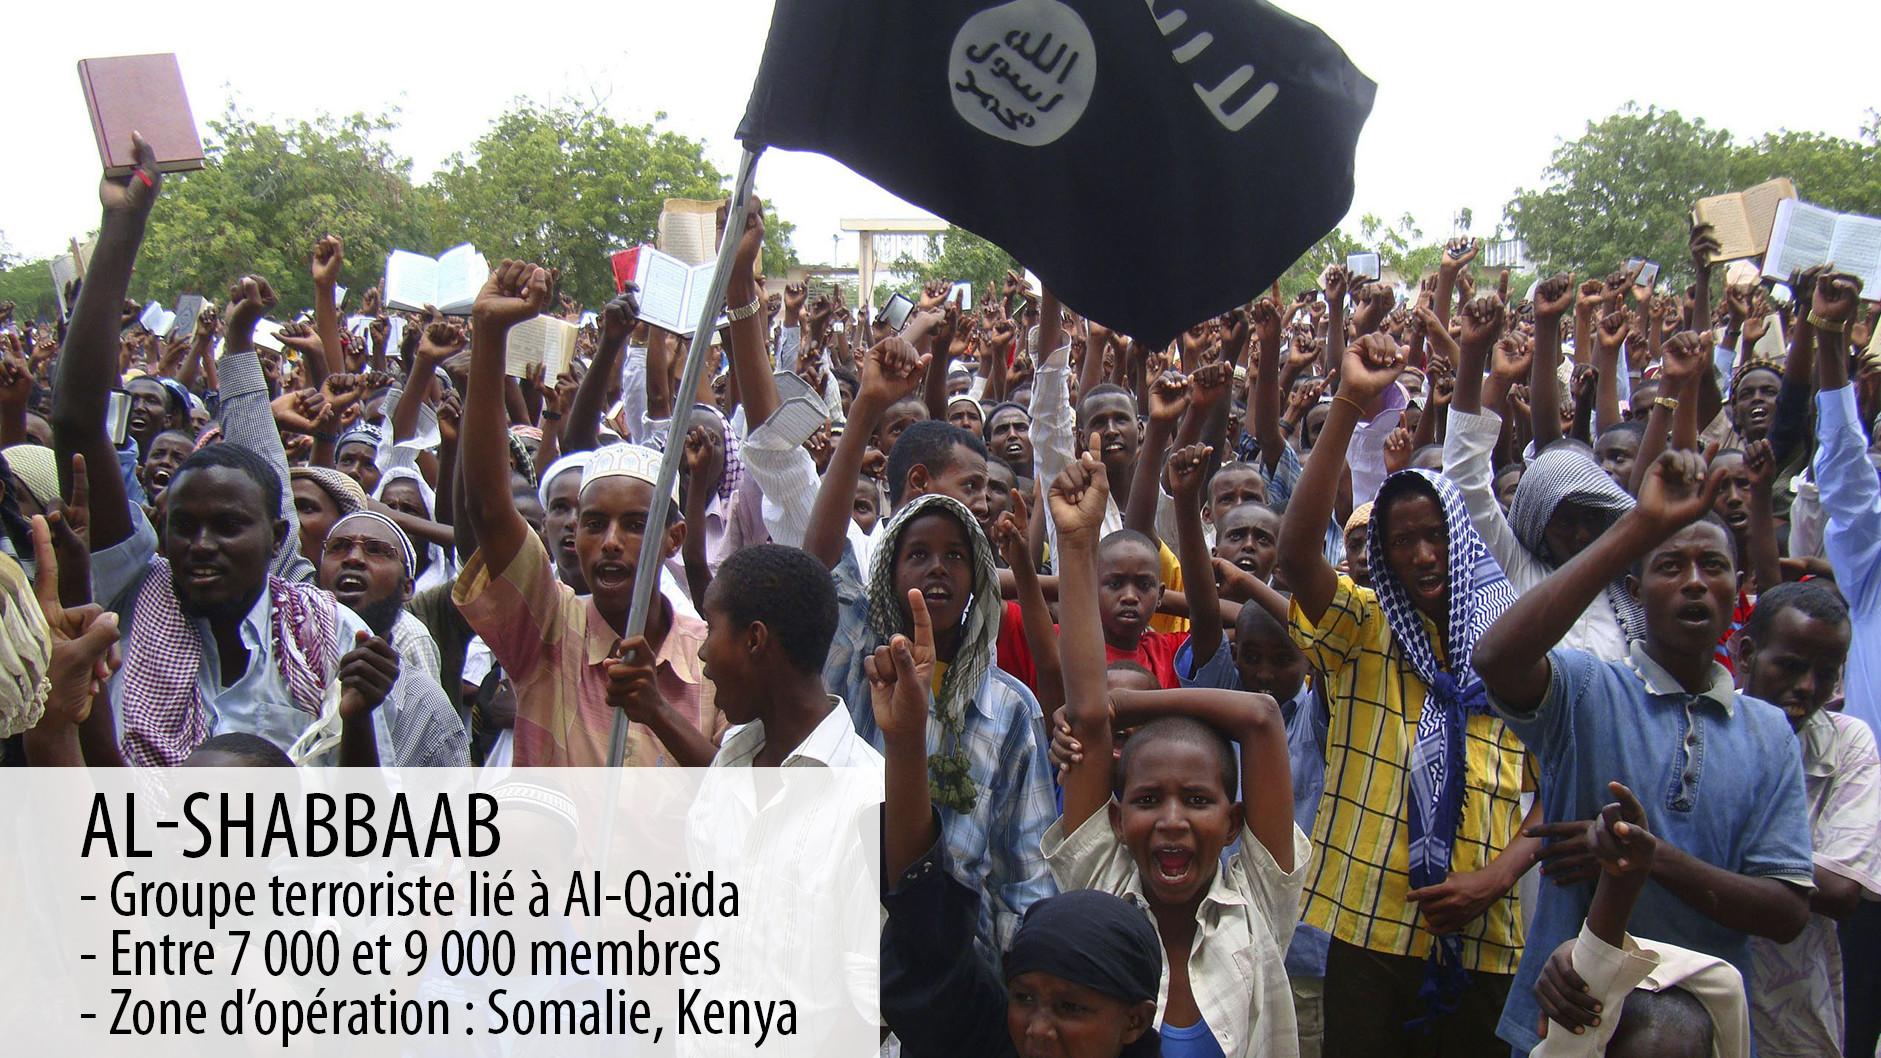 Le recap' sur Al-Shabbaab